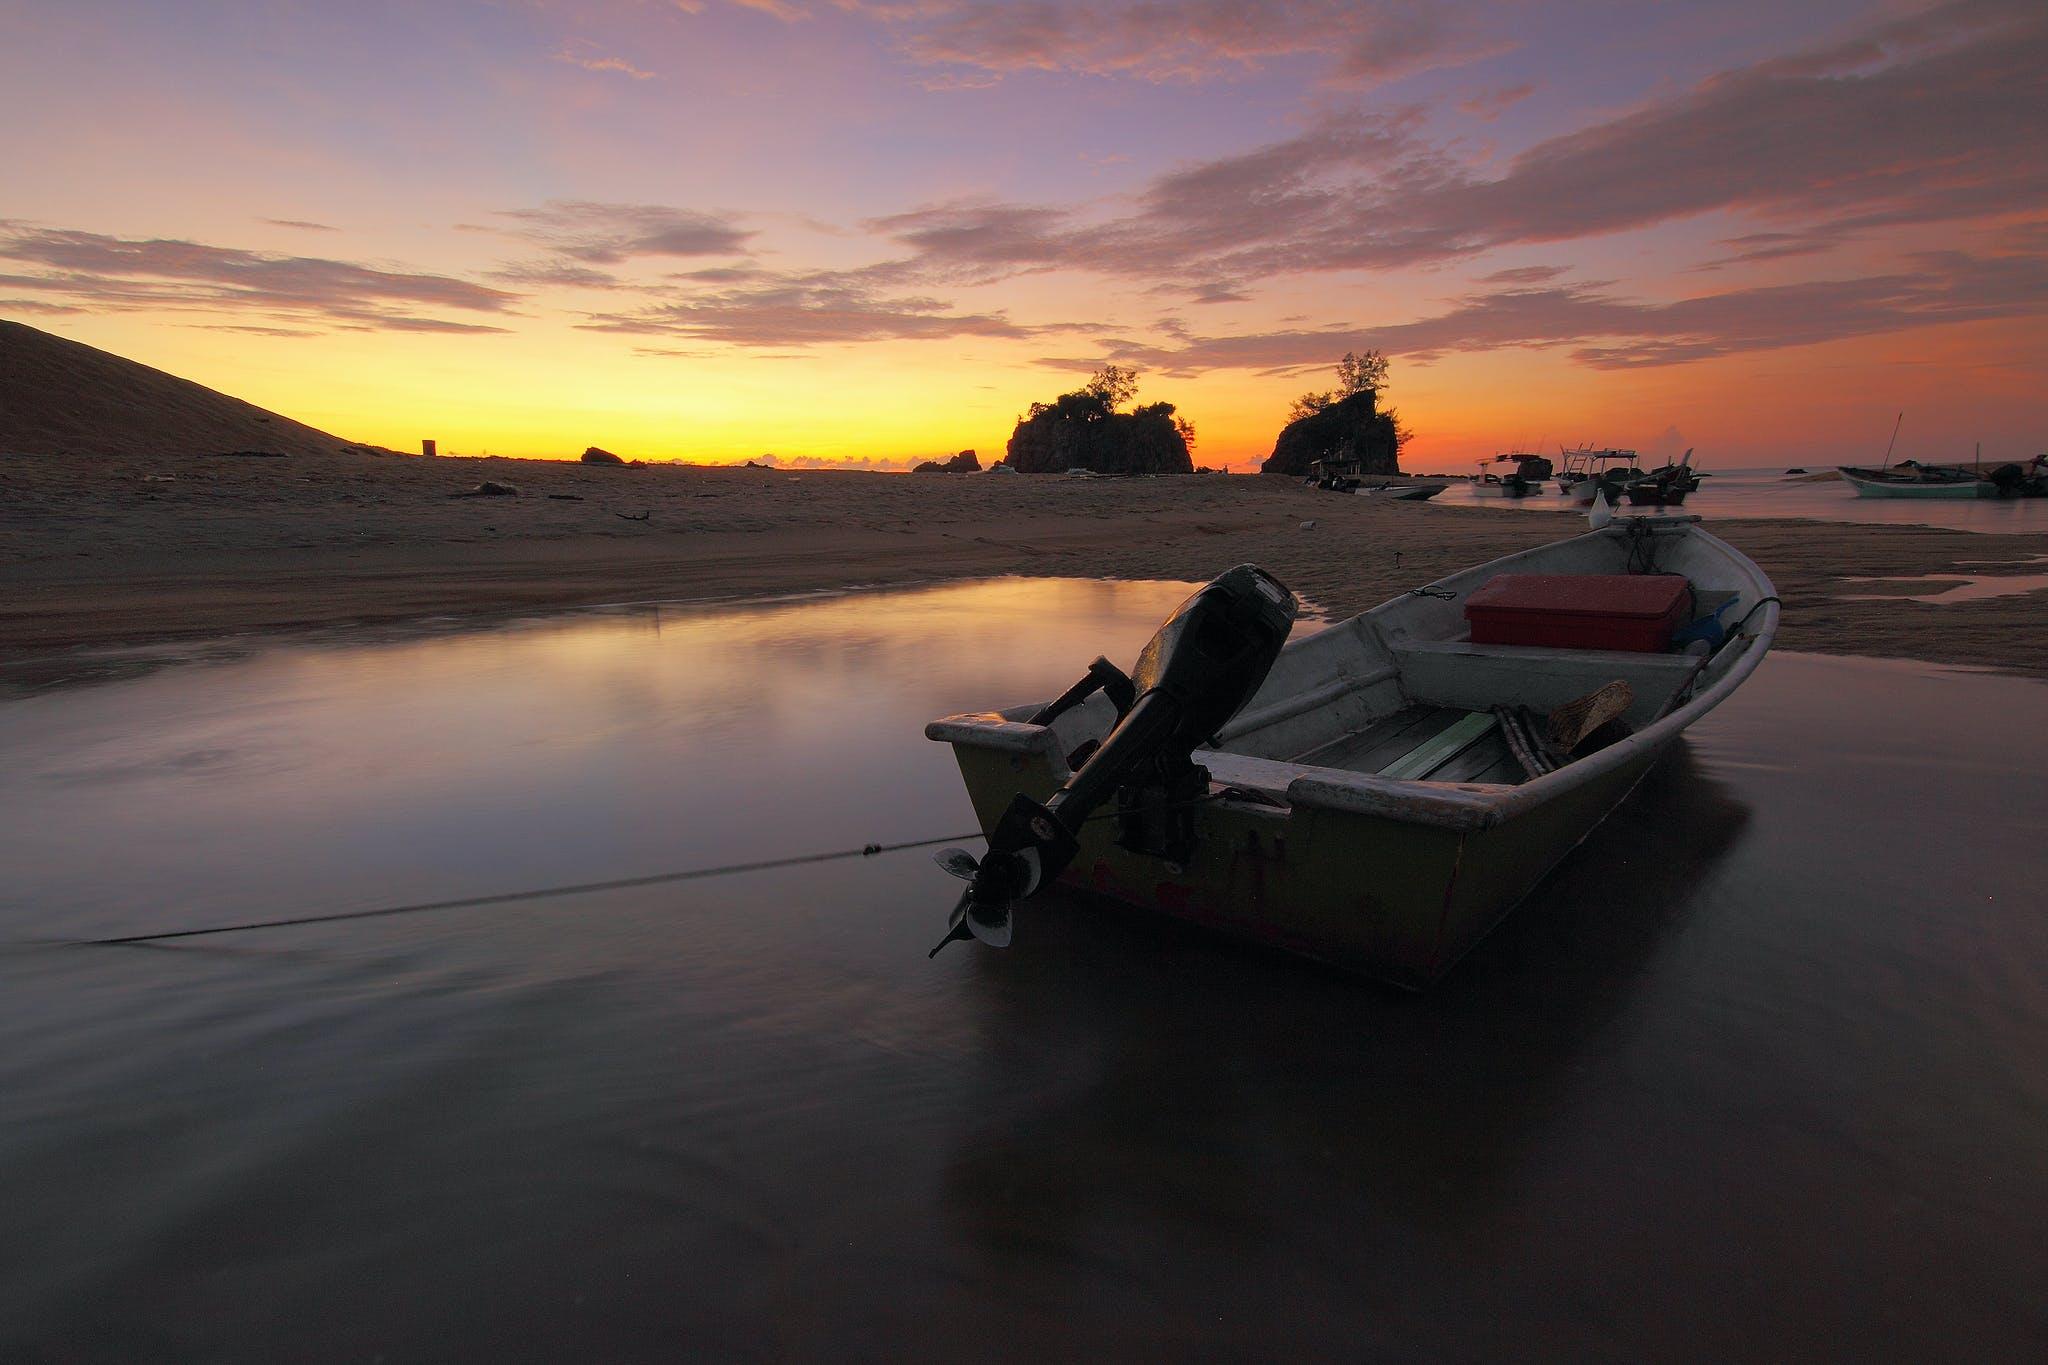 Jon Boat Parked on Seashore